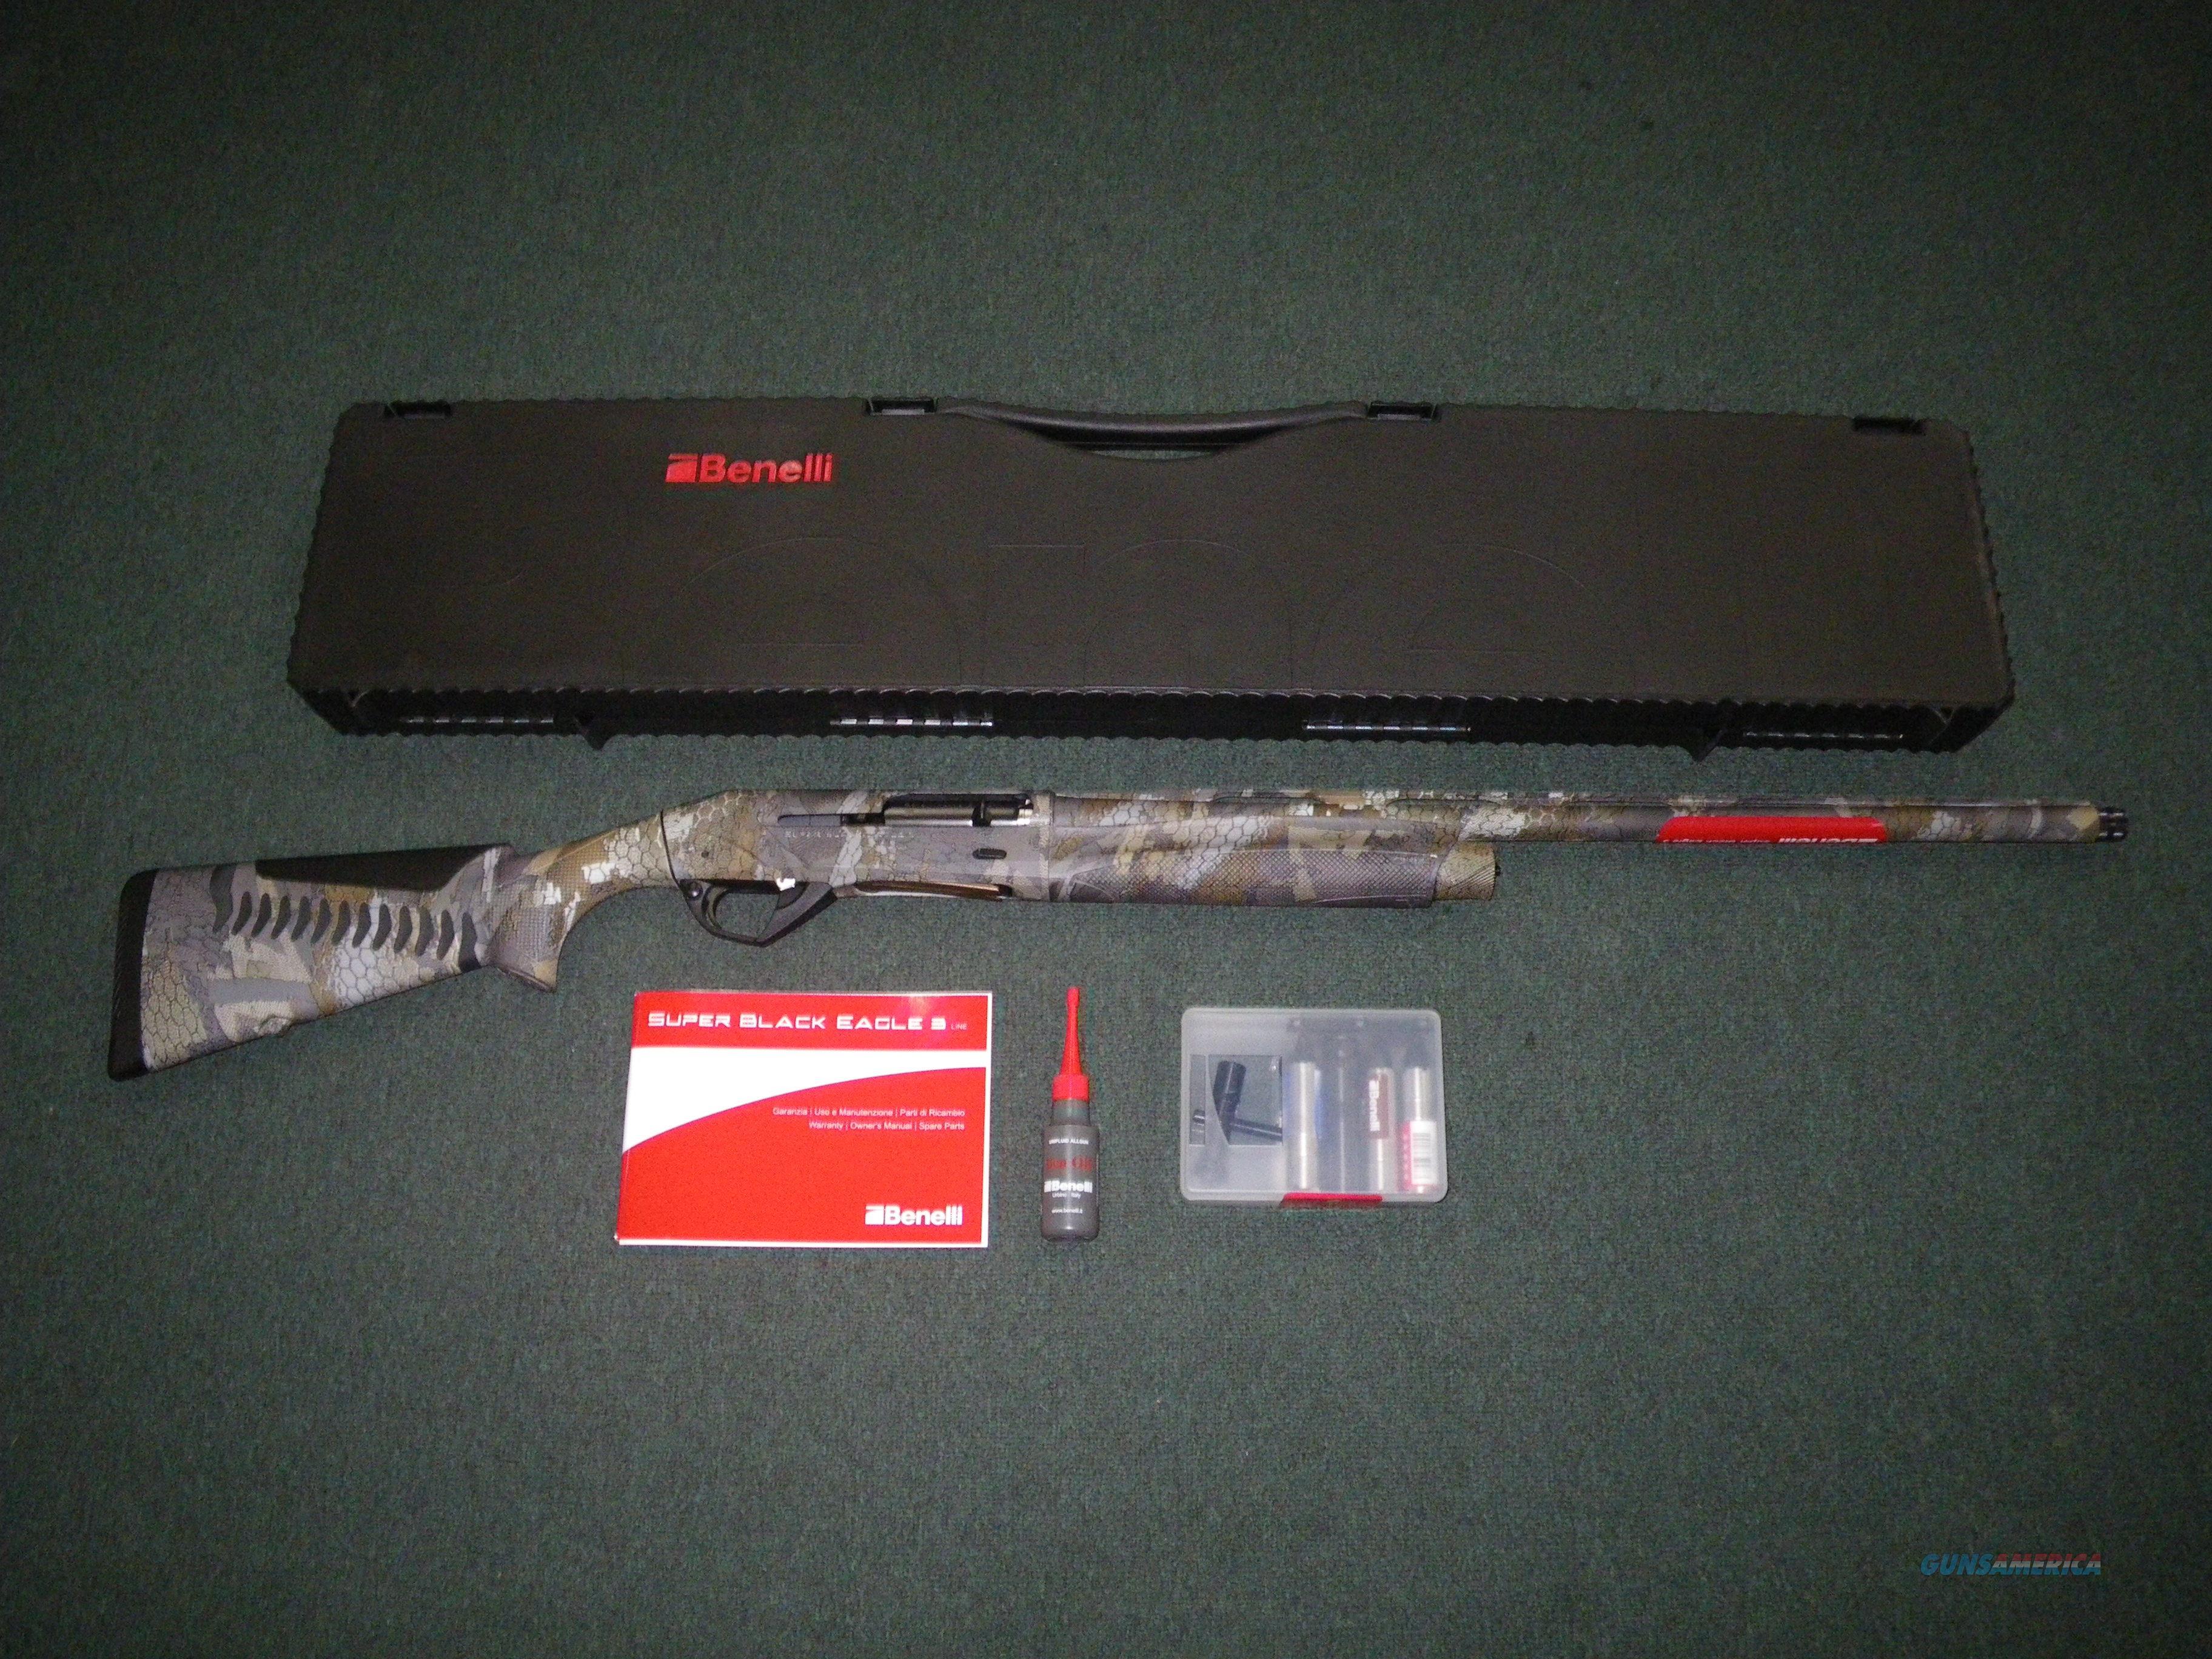 """Benelli Super Black Eagle 3 Optifade 12ga 26"""" NEW #10360  Guns > Shotguns > Benelli Shotguns > Sporting"""